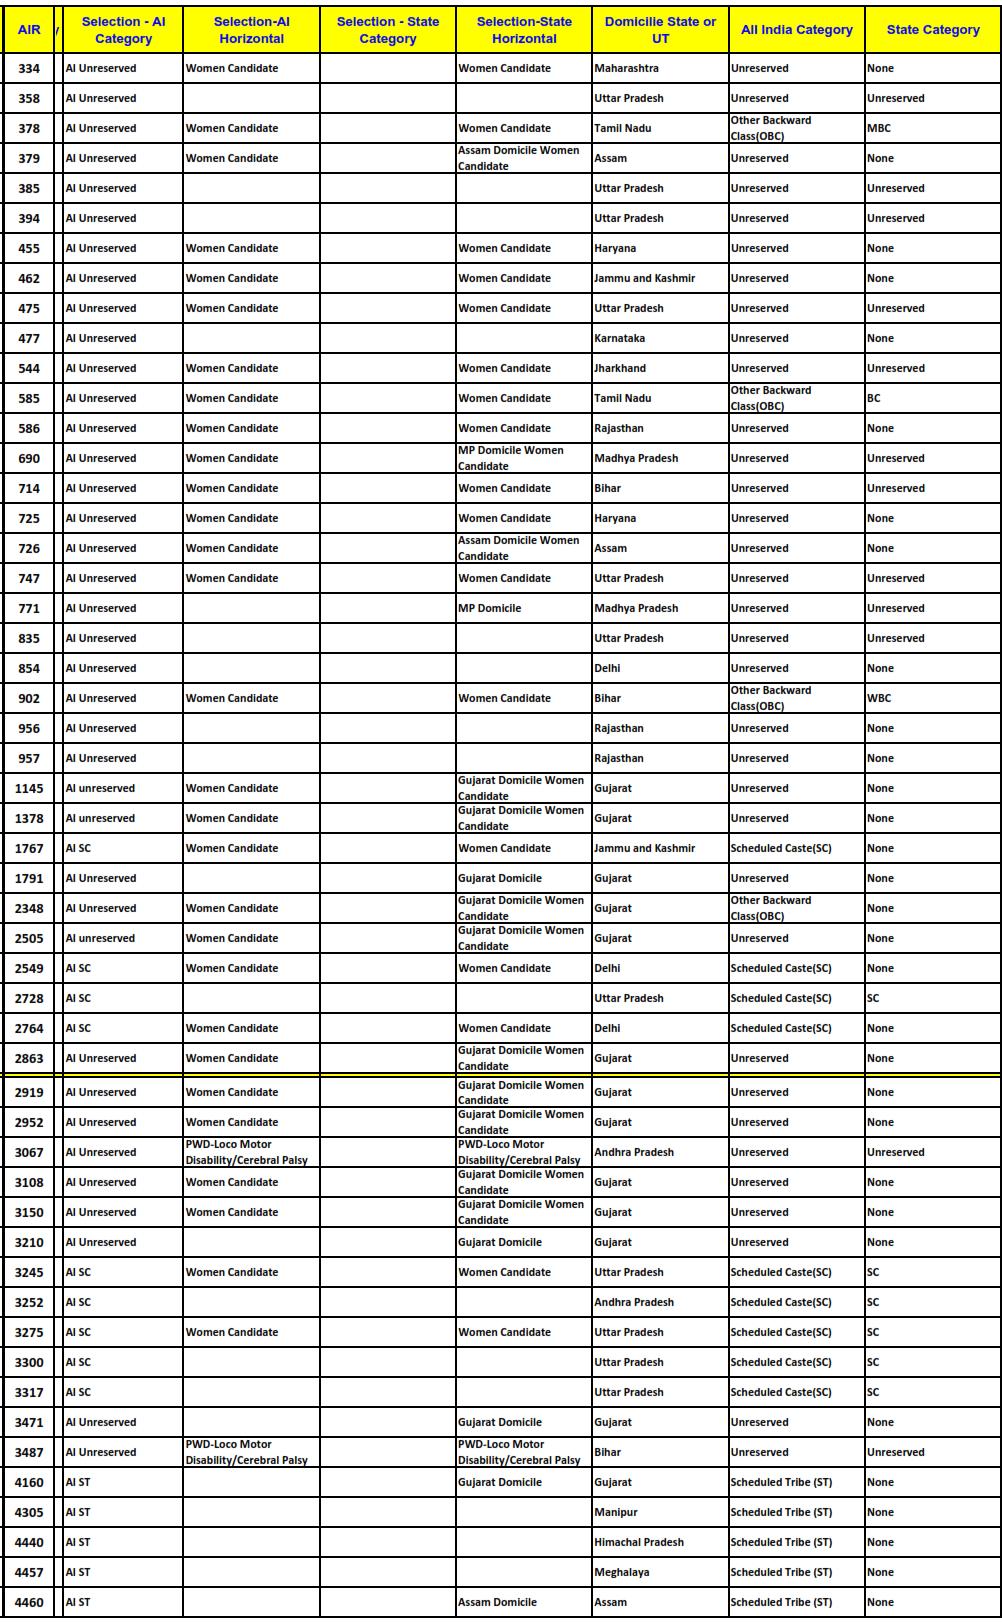 CLAT 2015 GNLU Gandhinagar Cut Offs